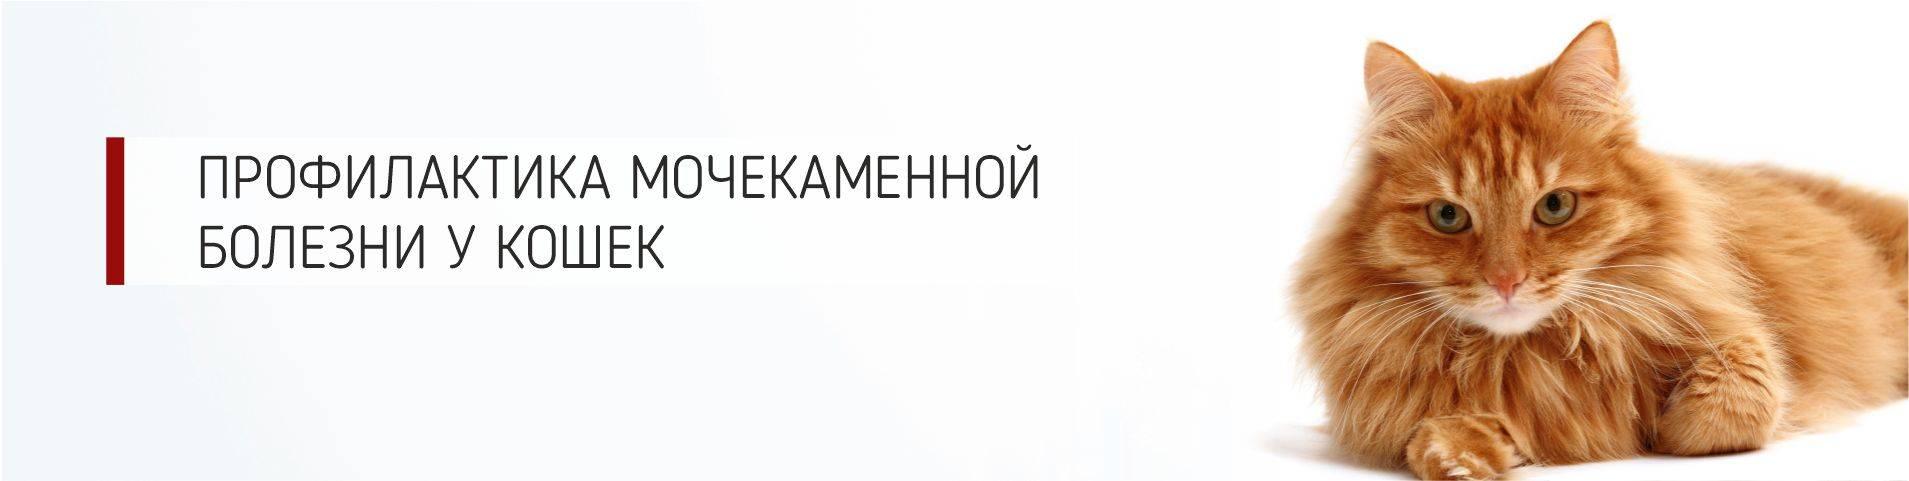 Девять жизней: составлен рейтинг самых частых болезней кошек и собак - gafki.ru